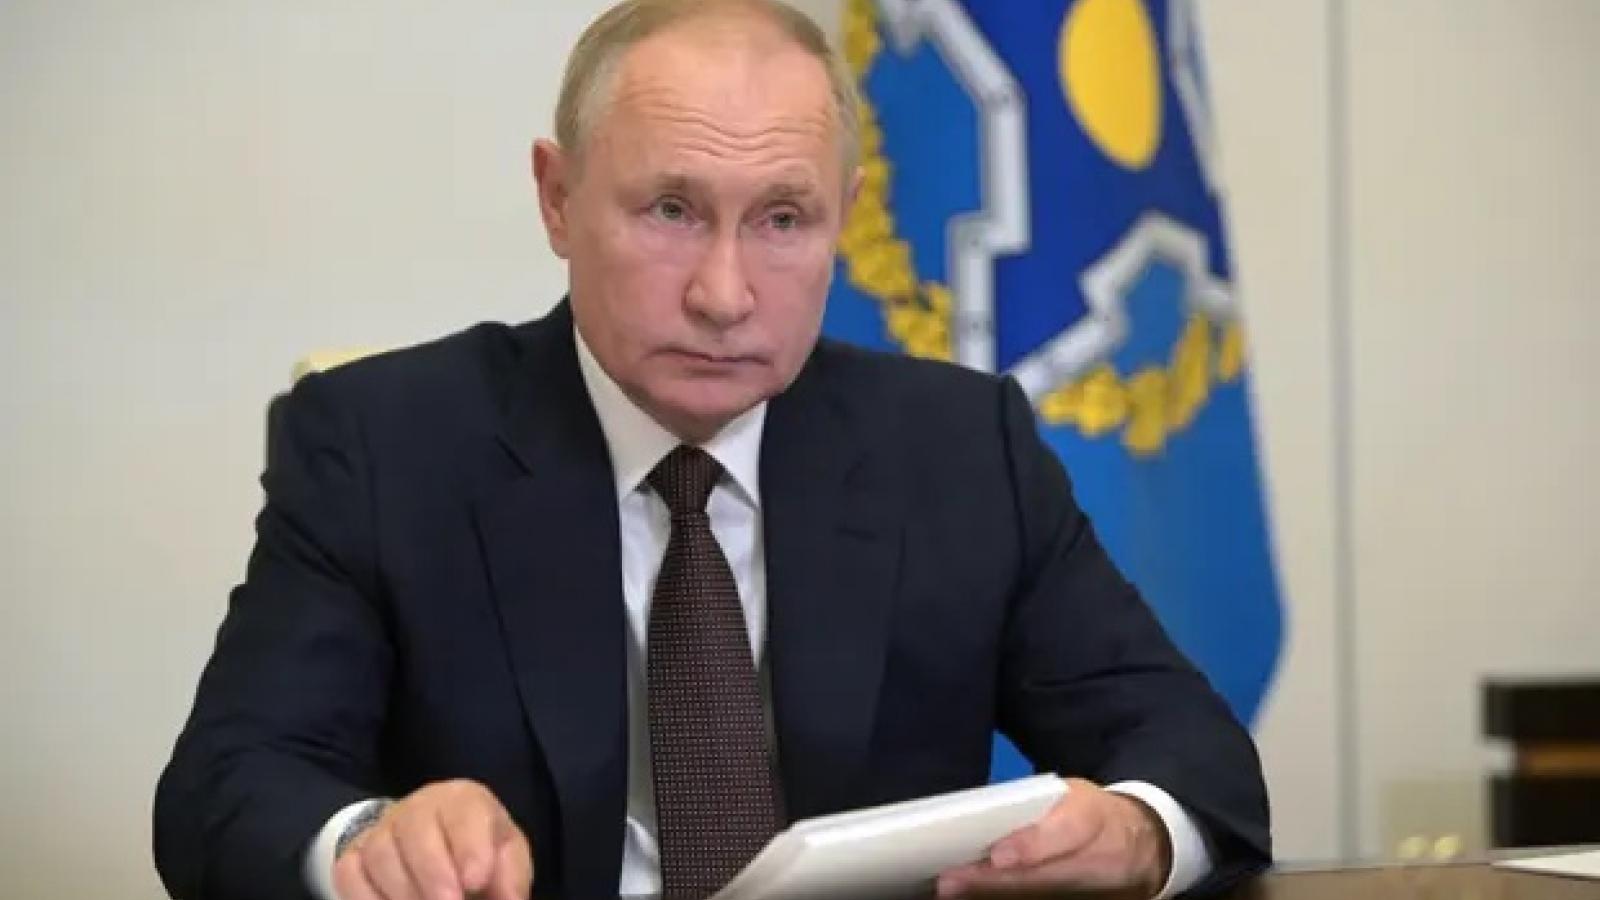 Tổng thống Nga Putin khẳng định hàng chục quan chức điện Kremlin mắc Covid-19